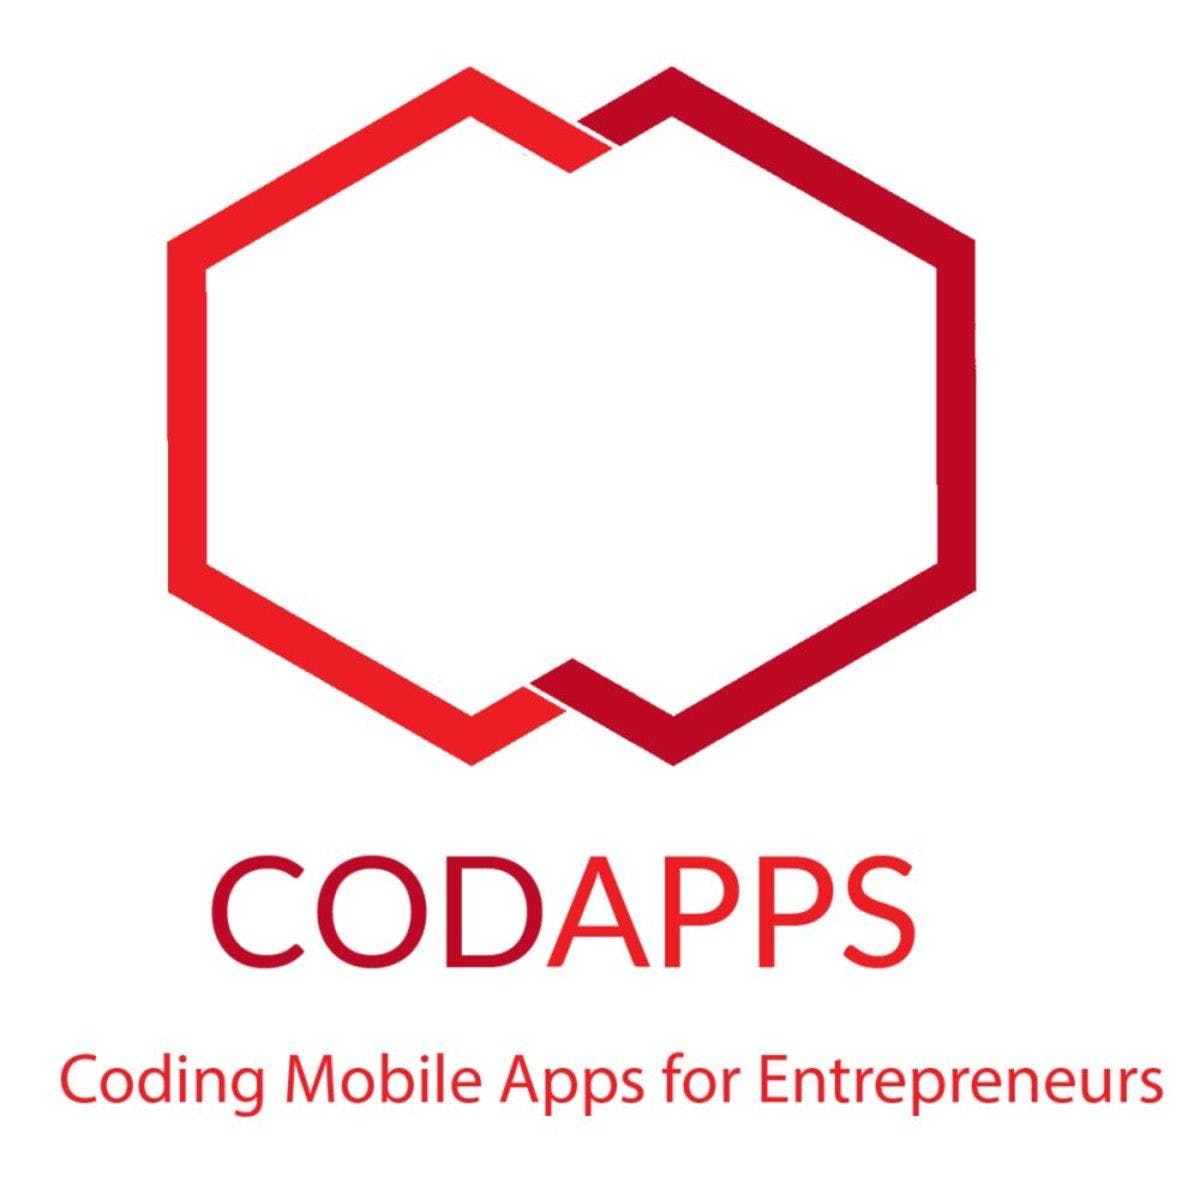 CODAPPS: Criando aplicativos mobile para empreendedores